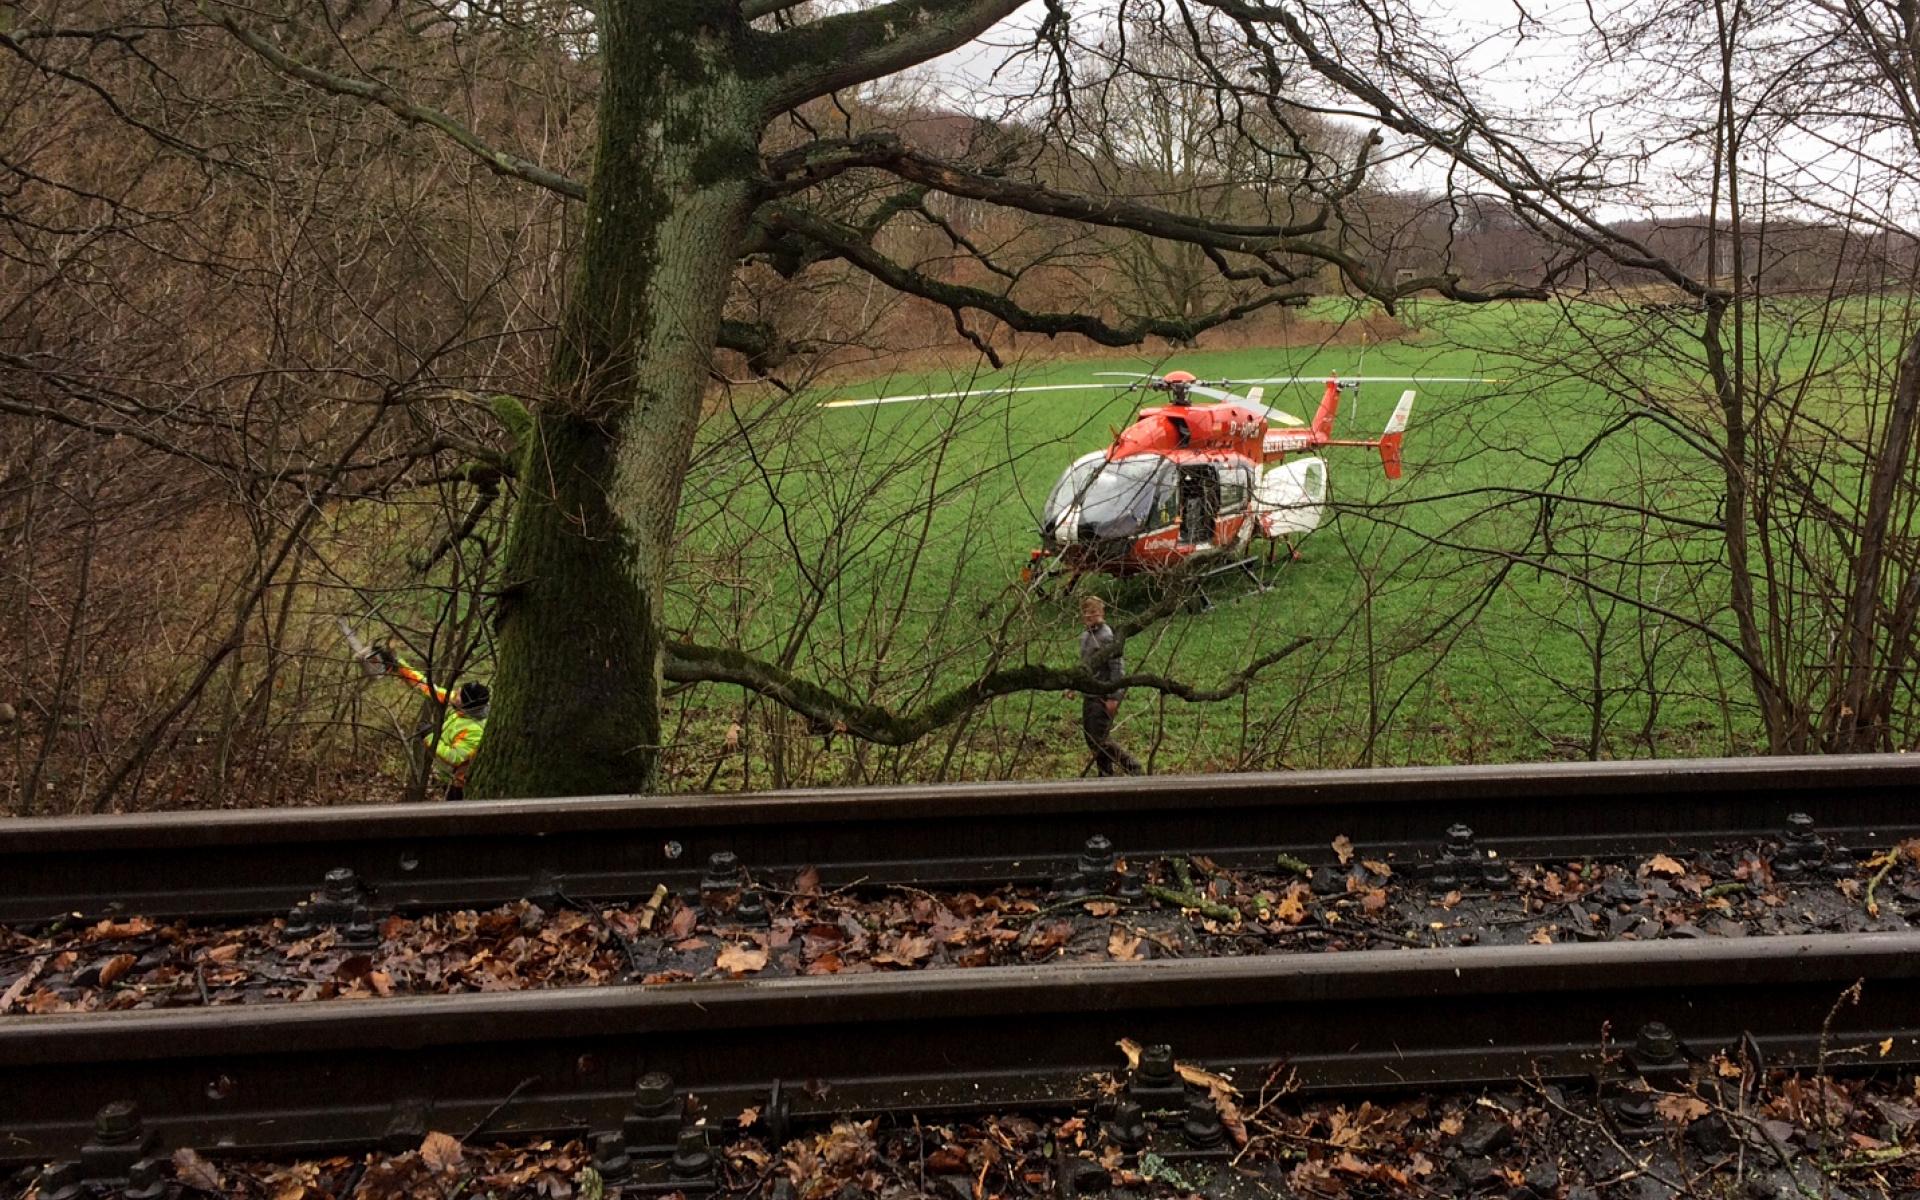 """Schwerste Verletzungen erlitt ein Arbeiter, als er von einem Hubsteiger fiel. Die Luftretter mussten auf dem Weg zum Patienten die Gleise des """"Rasenden Rolands"""" überqueren."""